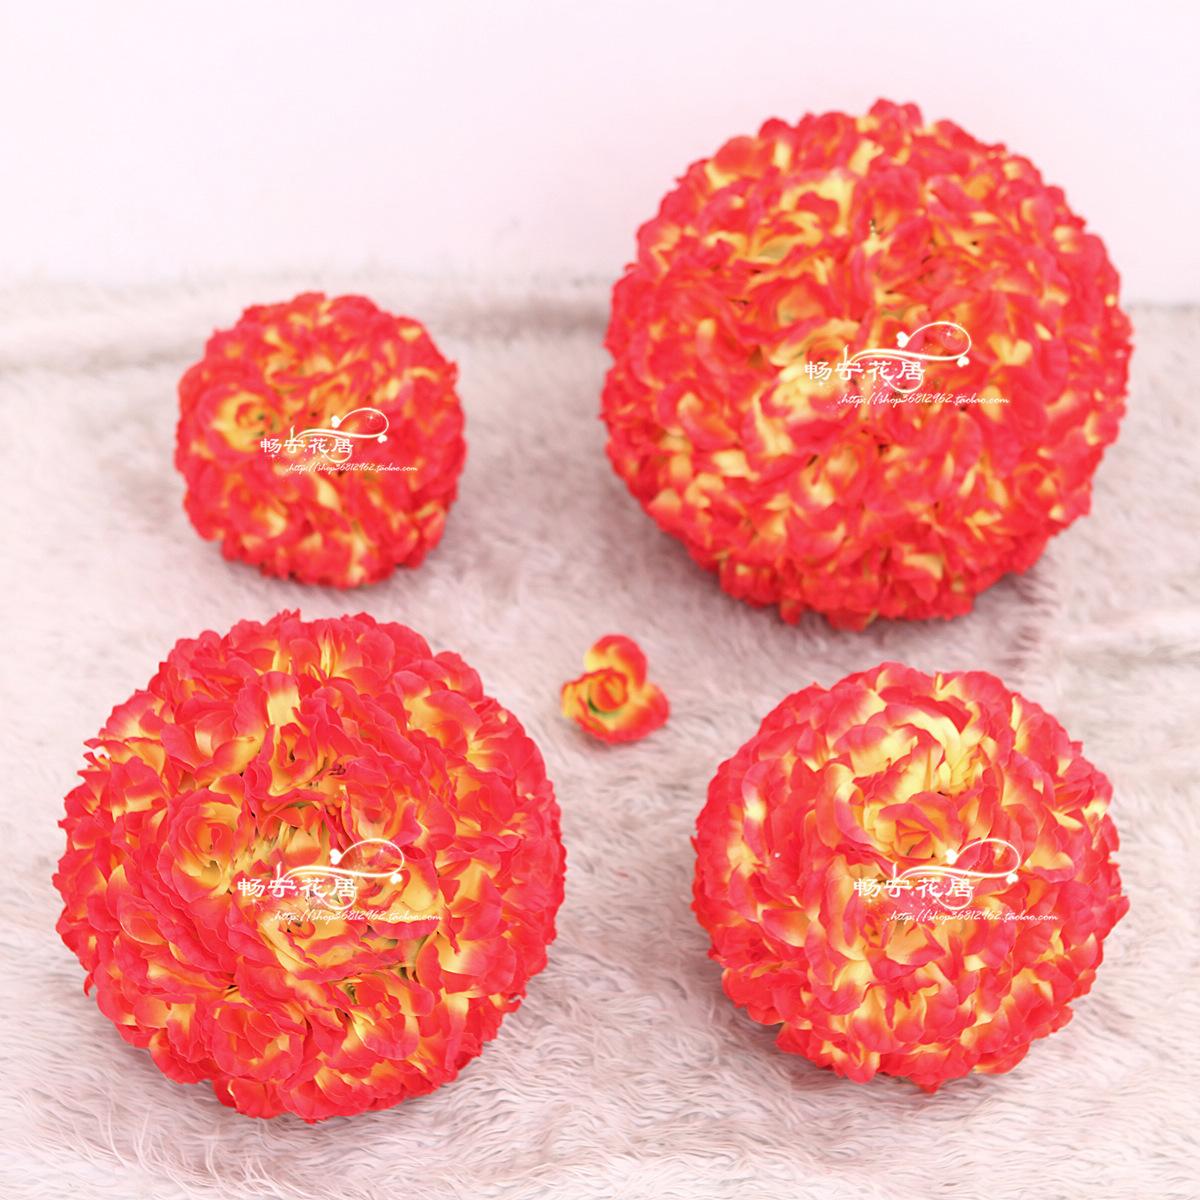 Цветок мяч (красный закат Mall 4S магазин свадьба) розы орнаменты макет новой шелковые цветы искусственные цветы сушеные цветы оптом